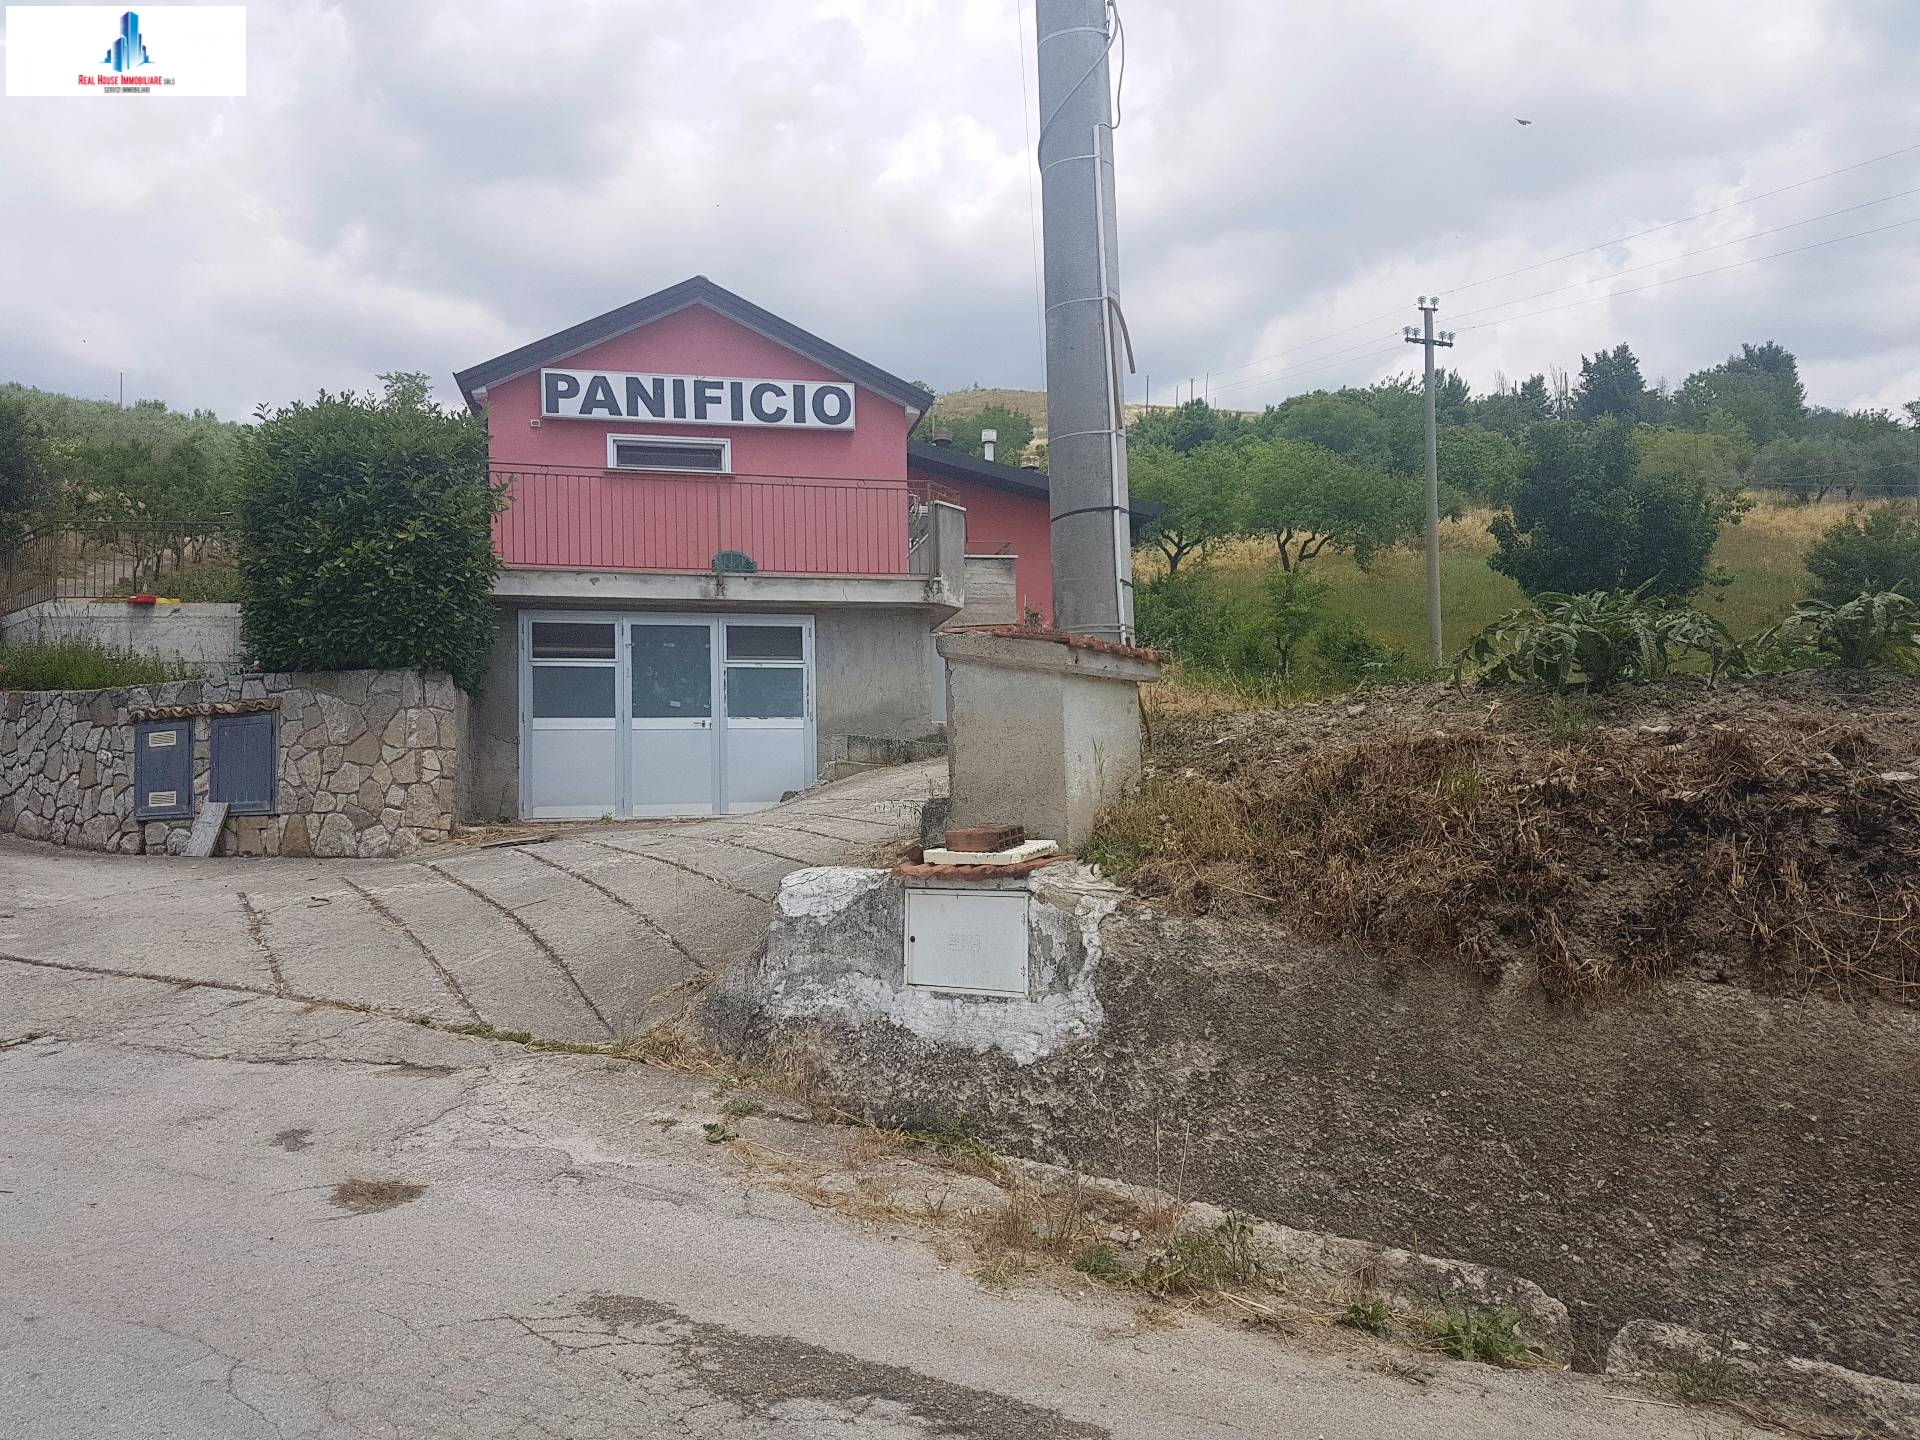 Negozio / Locale in affitto a Ariano Irpino, 9999 locali, zona Località: contradacamporeale, prezzo € 400 | CambioCasa.it